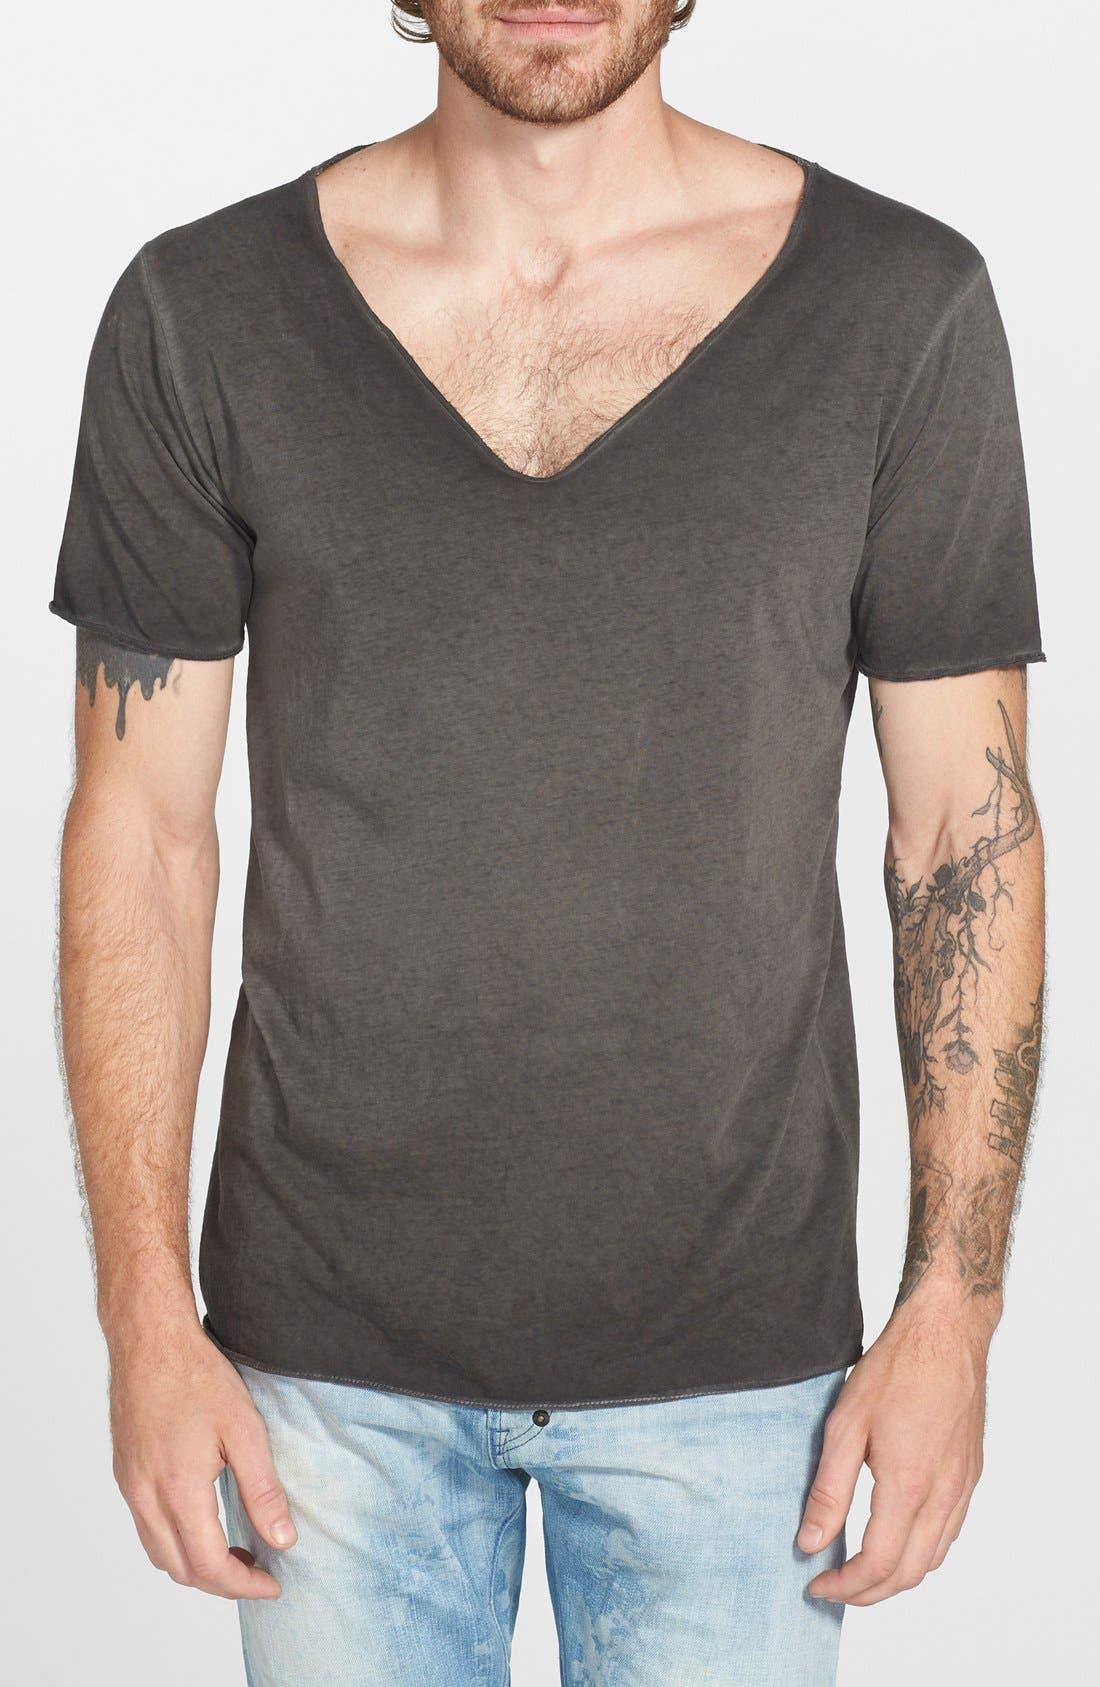 URBAN CAMO BRIGADE Wide V-Neck T-Shirt, Main, color, 001